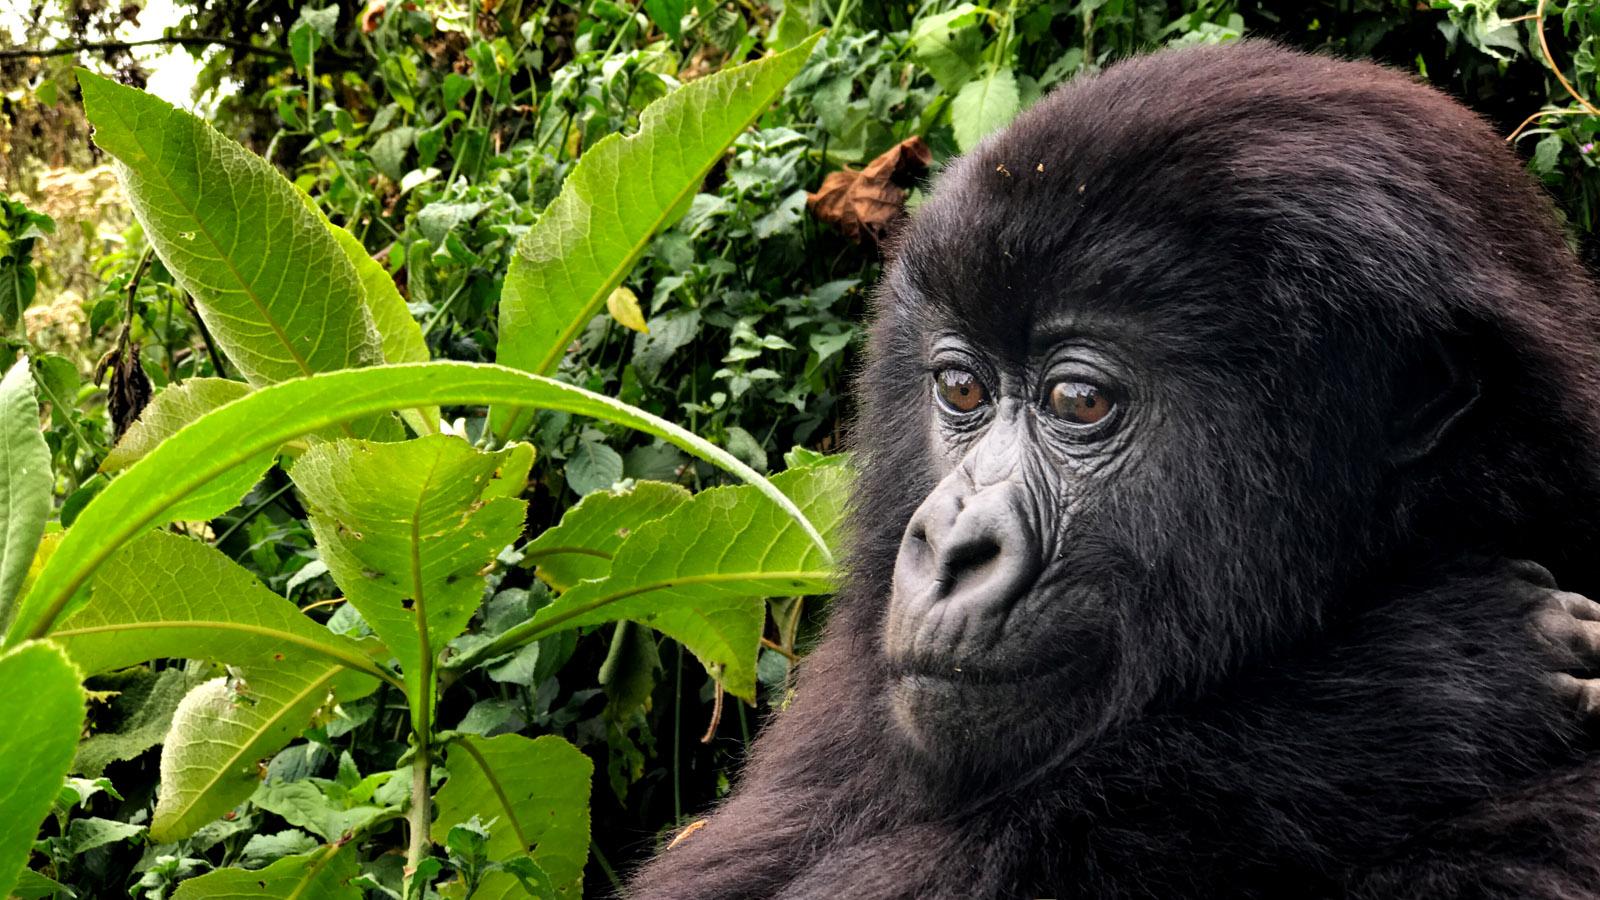 Gorila fotografiado por Austin Mann con la lente de 56mm del iPhone 7 Plus